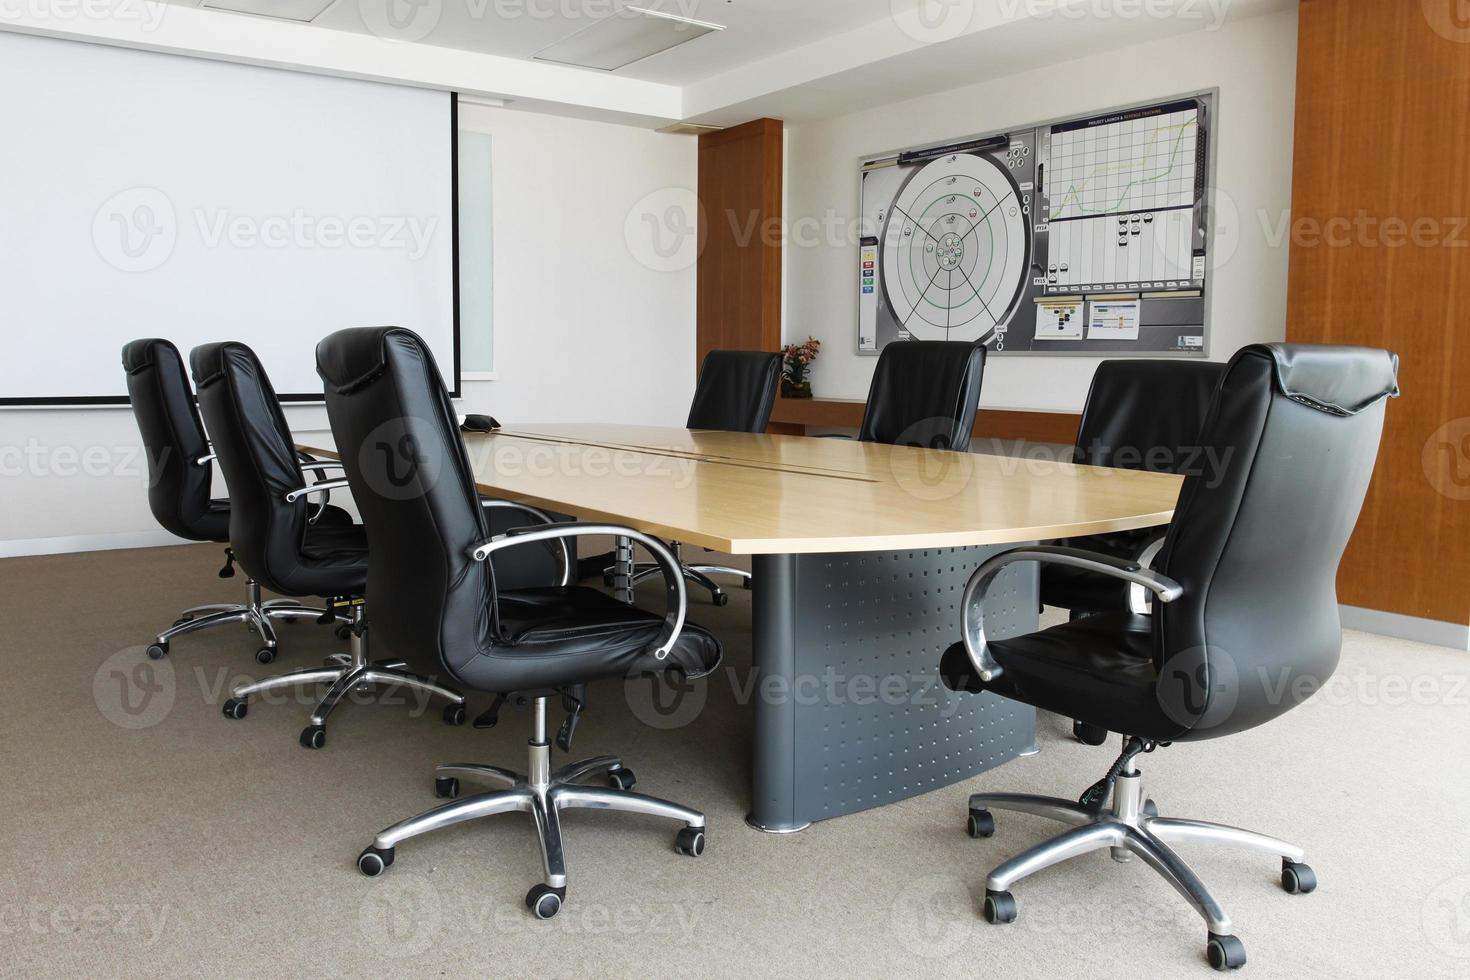 pequena sala de reunião foto